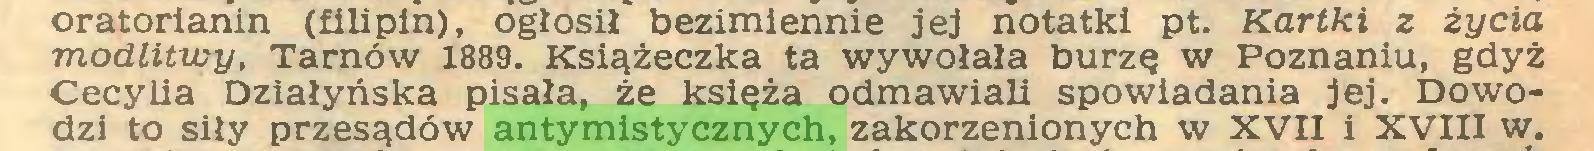 (...) oratorianin (filipin), ogłosił bezimiennie jej notatki pt. Kartki z życia modlitwy, Tarnów 1889. Książeczka ta wywołała burzę w Poznaniu, gdyż Cecylia Działyńska pisała, że księża odmawiali spowiadania jej. Dowodzi to siły przesądów antymistycznych, zakorzenionych w XVII i XVIII w...